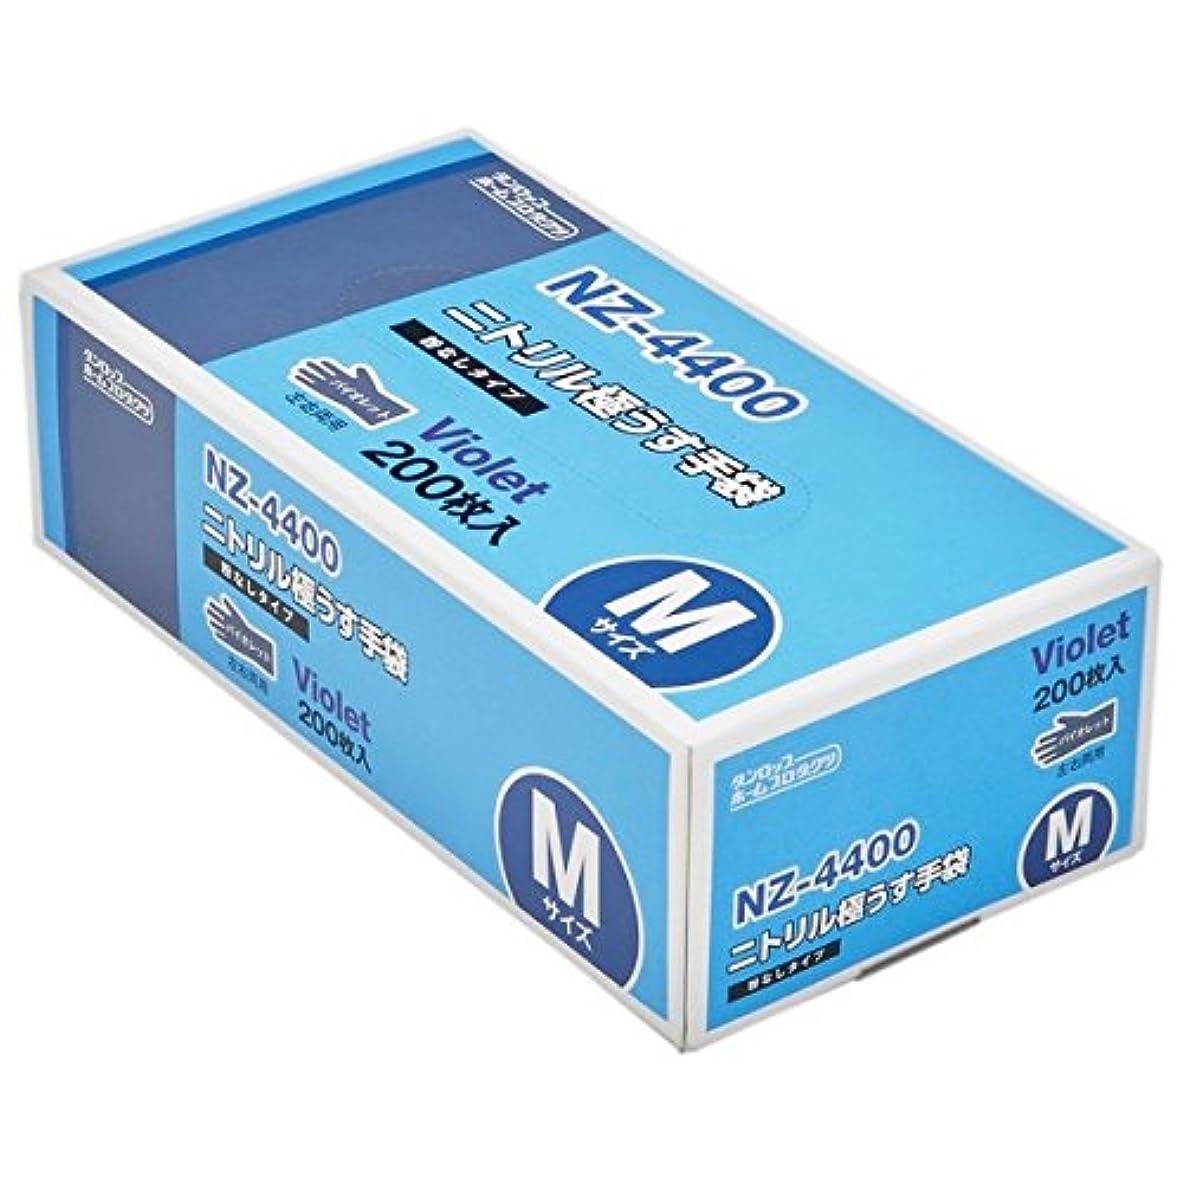 コーンスプレー含むダンロップ ニトリル極うす手袋 NZ-4400 バイオレット 粉なし Mサイズ 200枚入